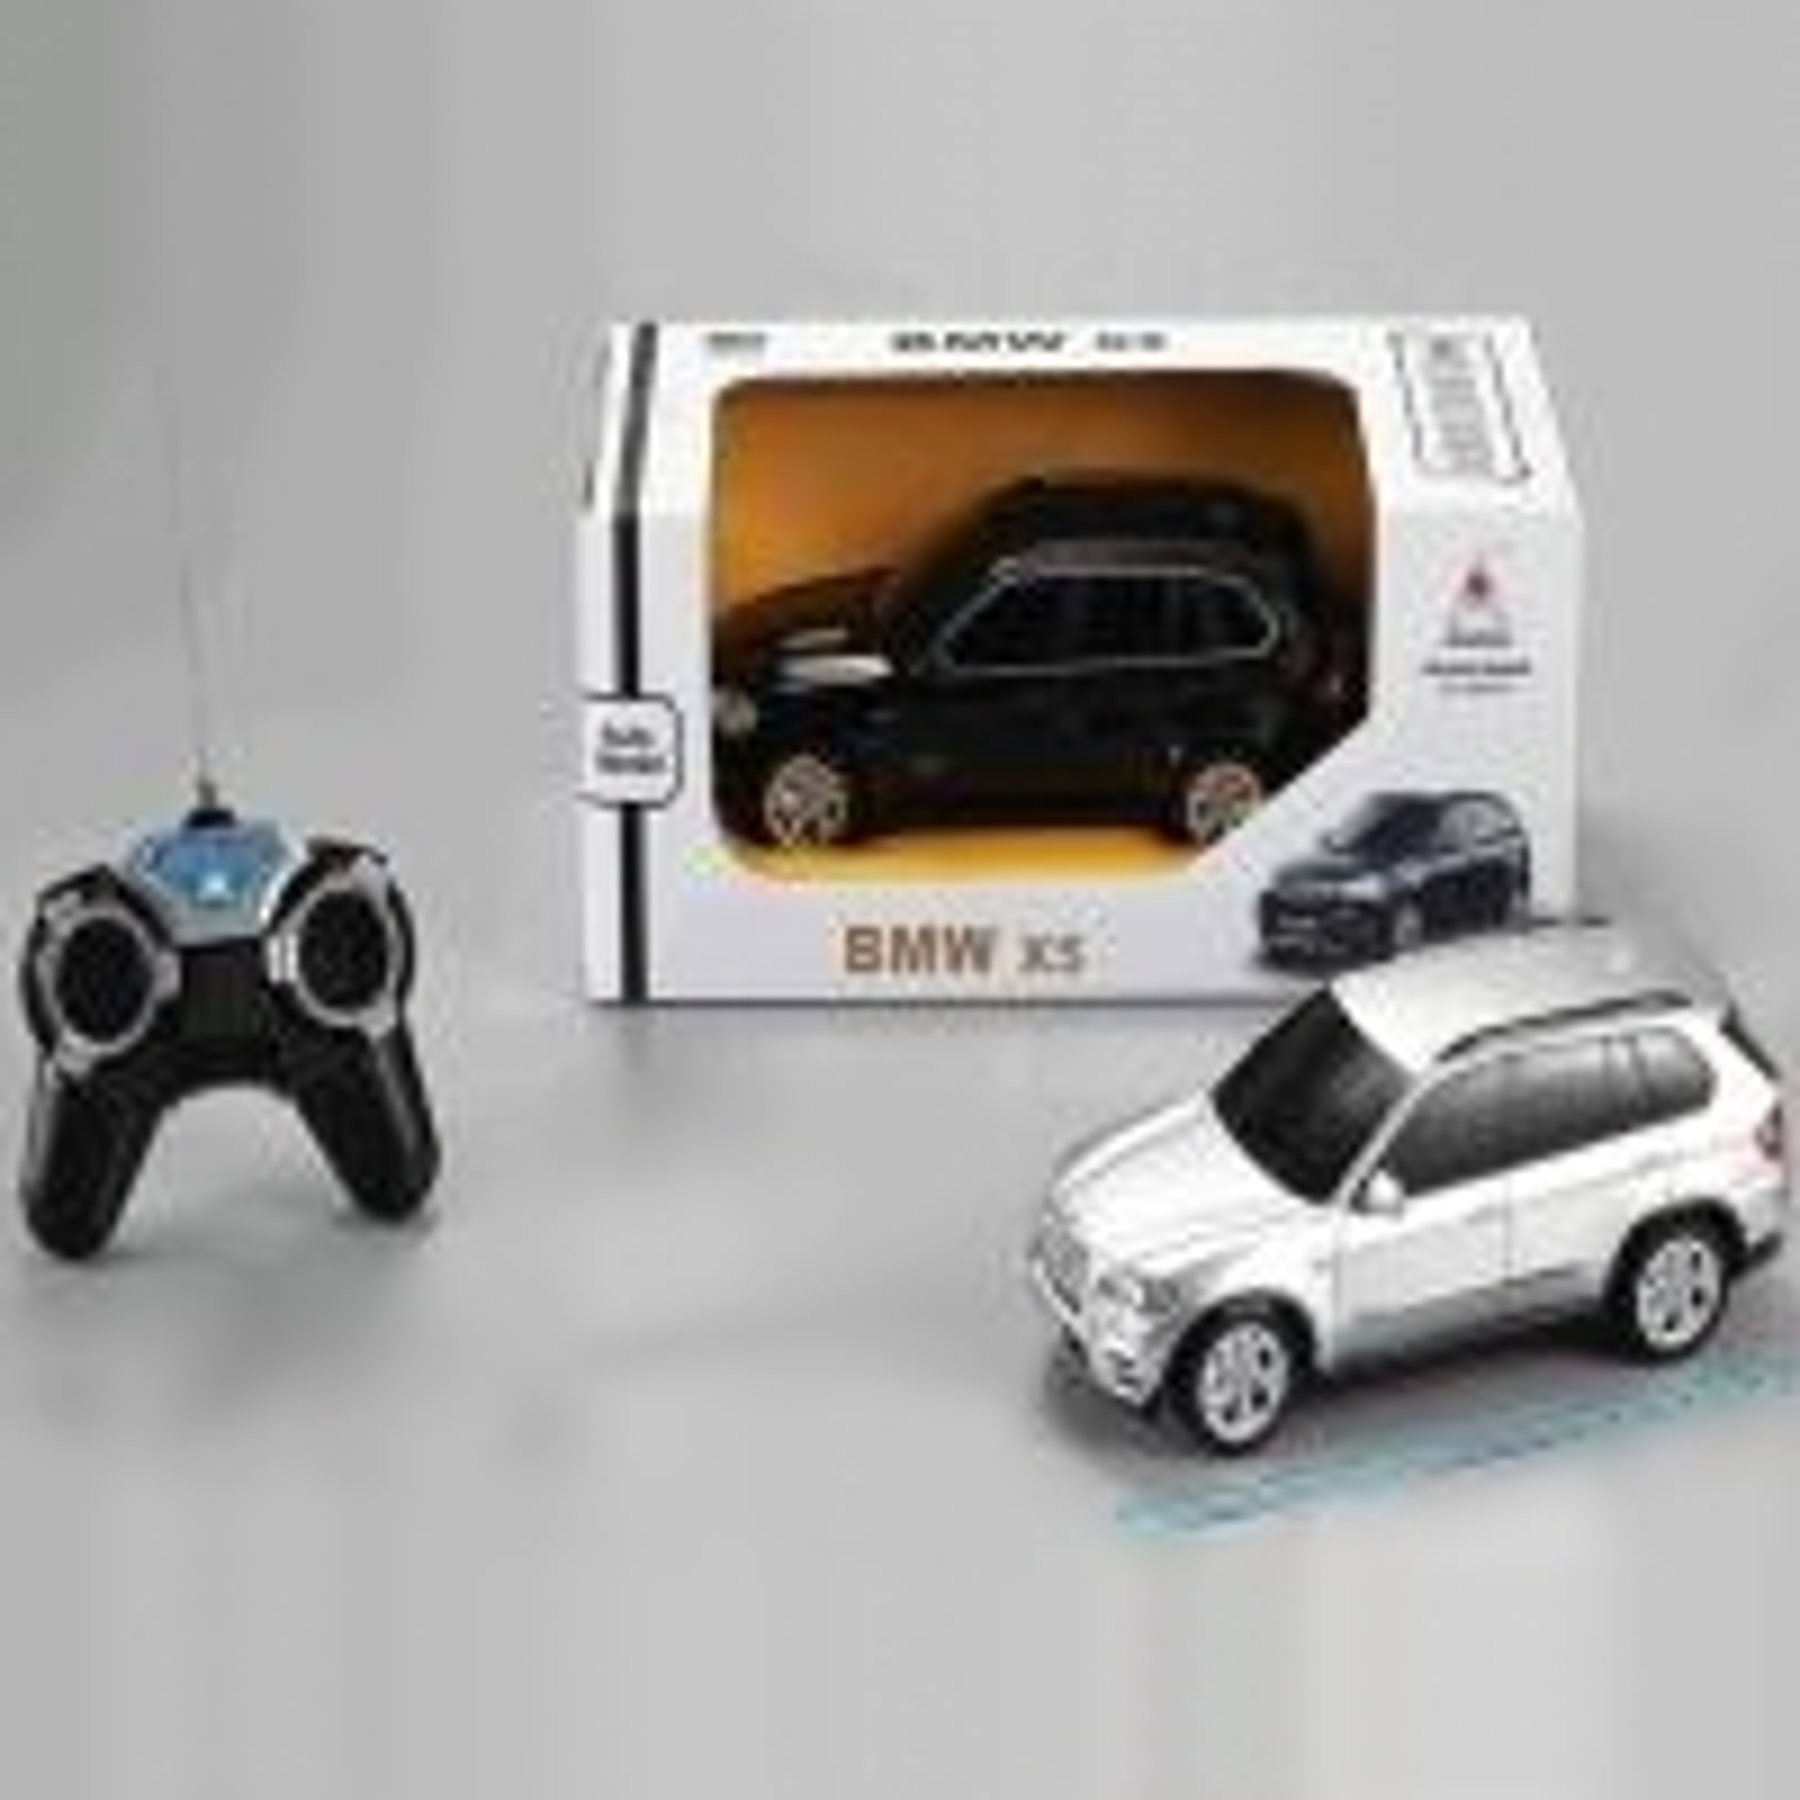 Автомобиль пластмассовый на Р/У модель BMW X5  300400 (375986)